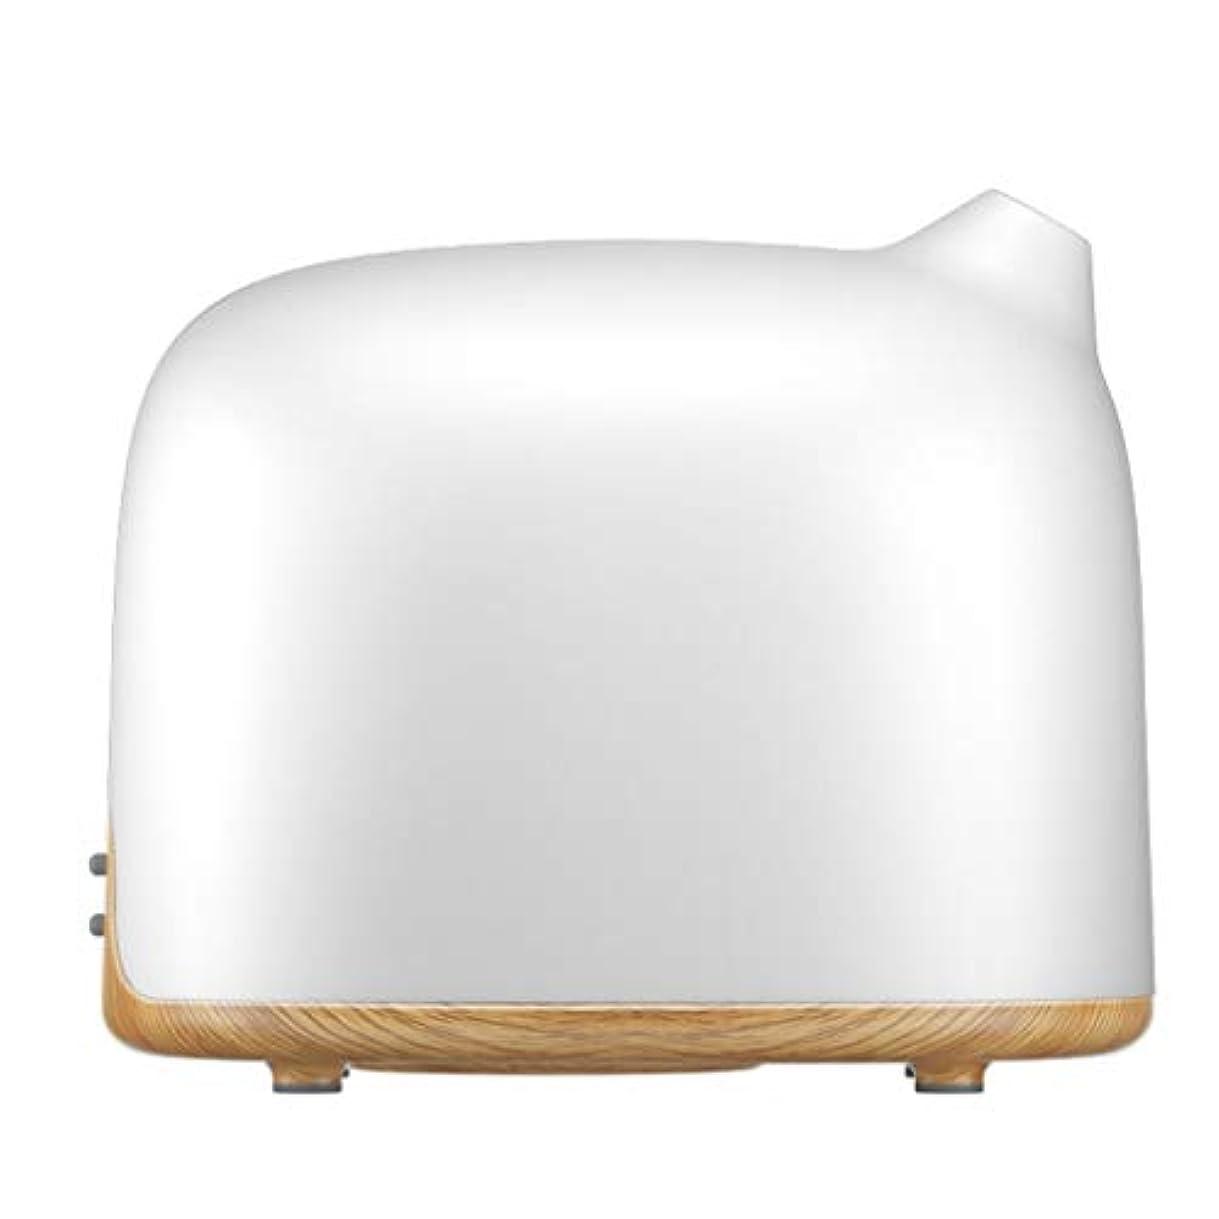 刈り取る摂氏解放する空気加湿器ホームサイレント寝室妊娠中の女性ベビーエアフォグ大容量ディフューザー (Color : Natural)